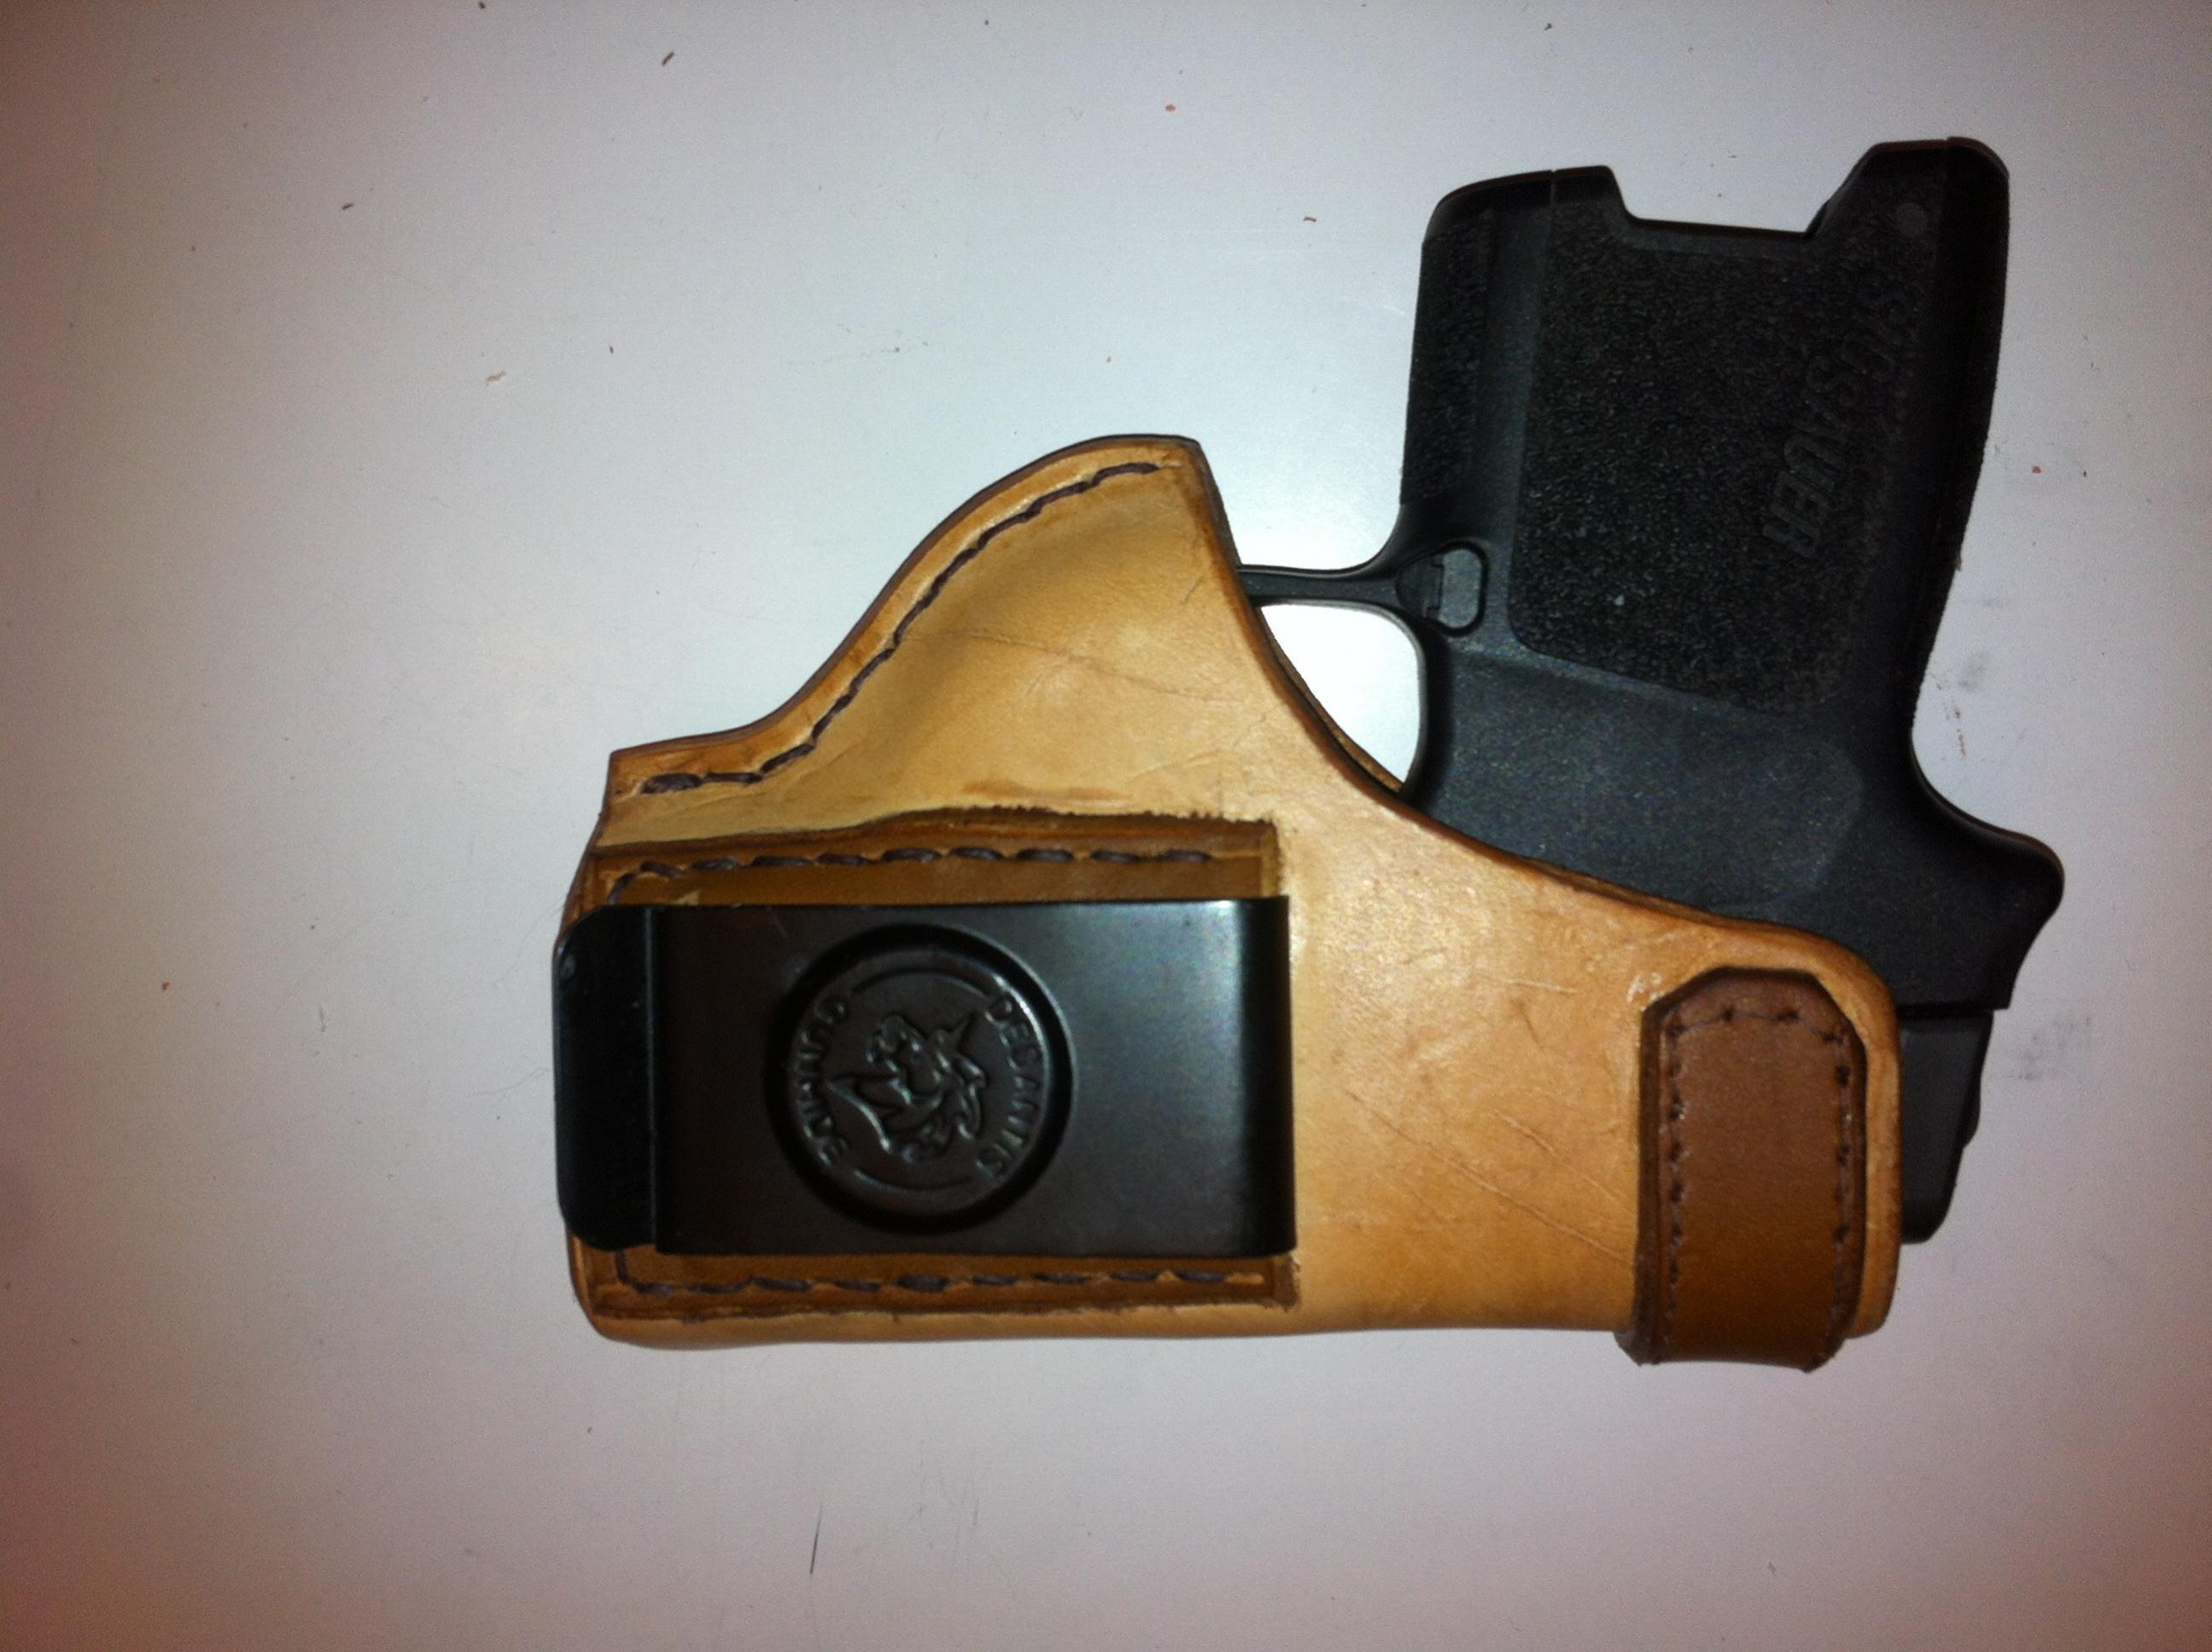 Mega holster maker's links list - thread updated-image.jpg